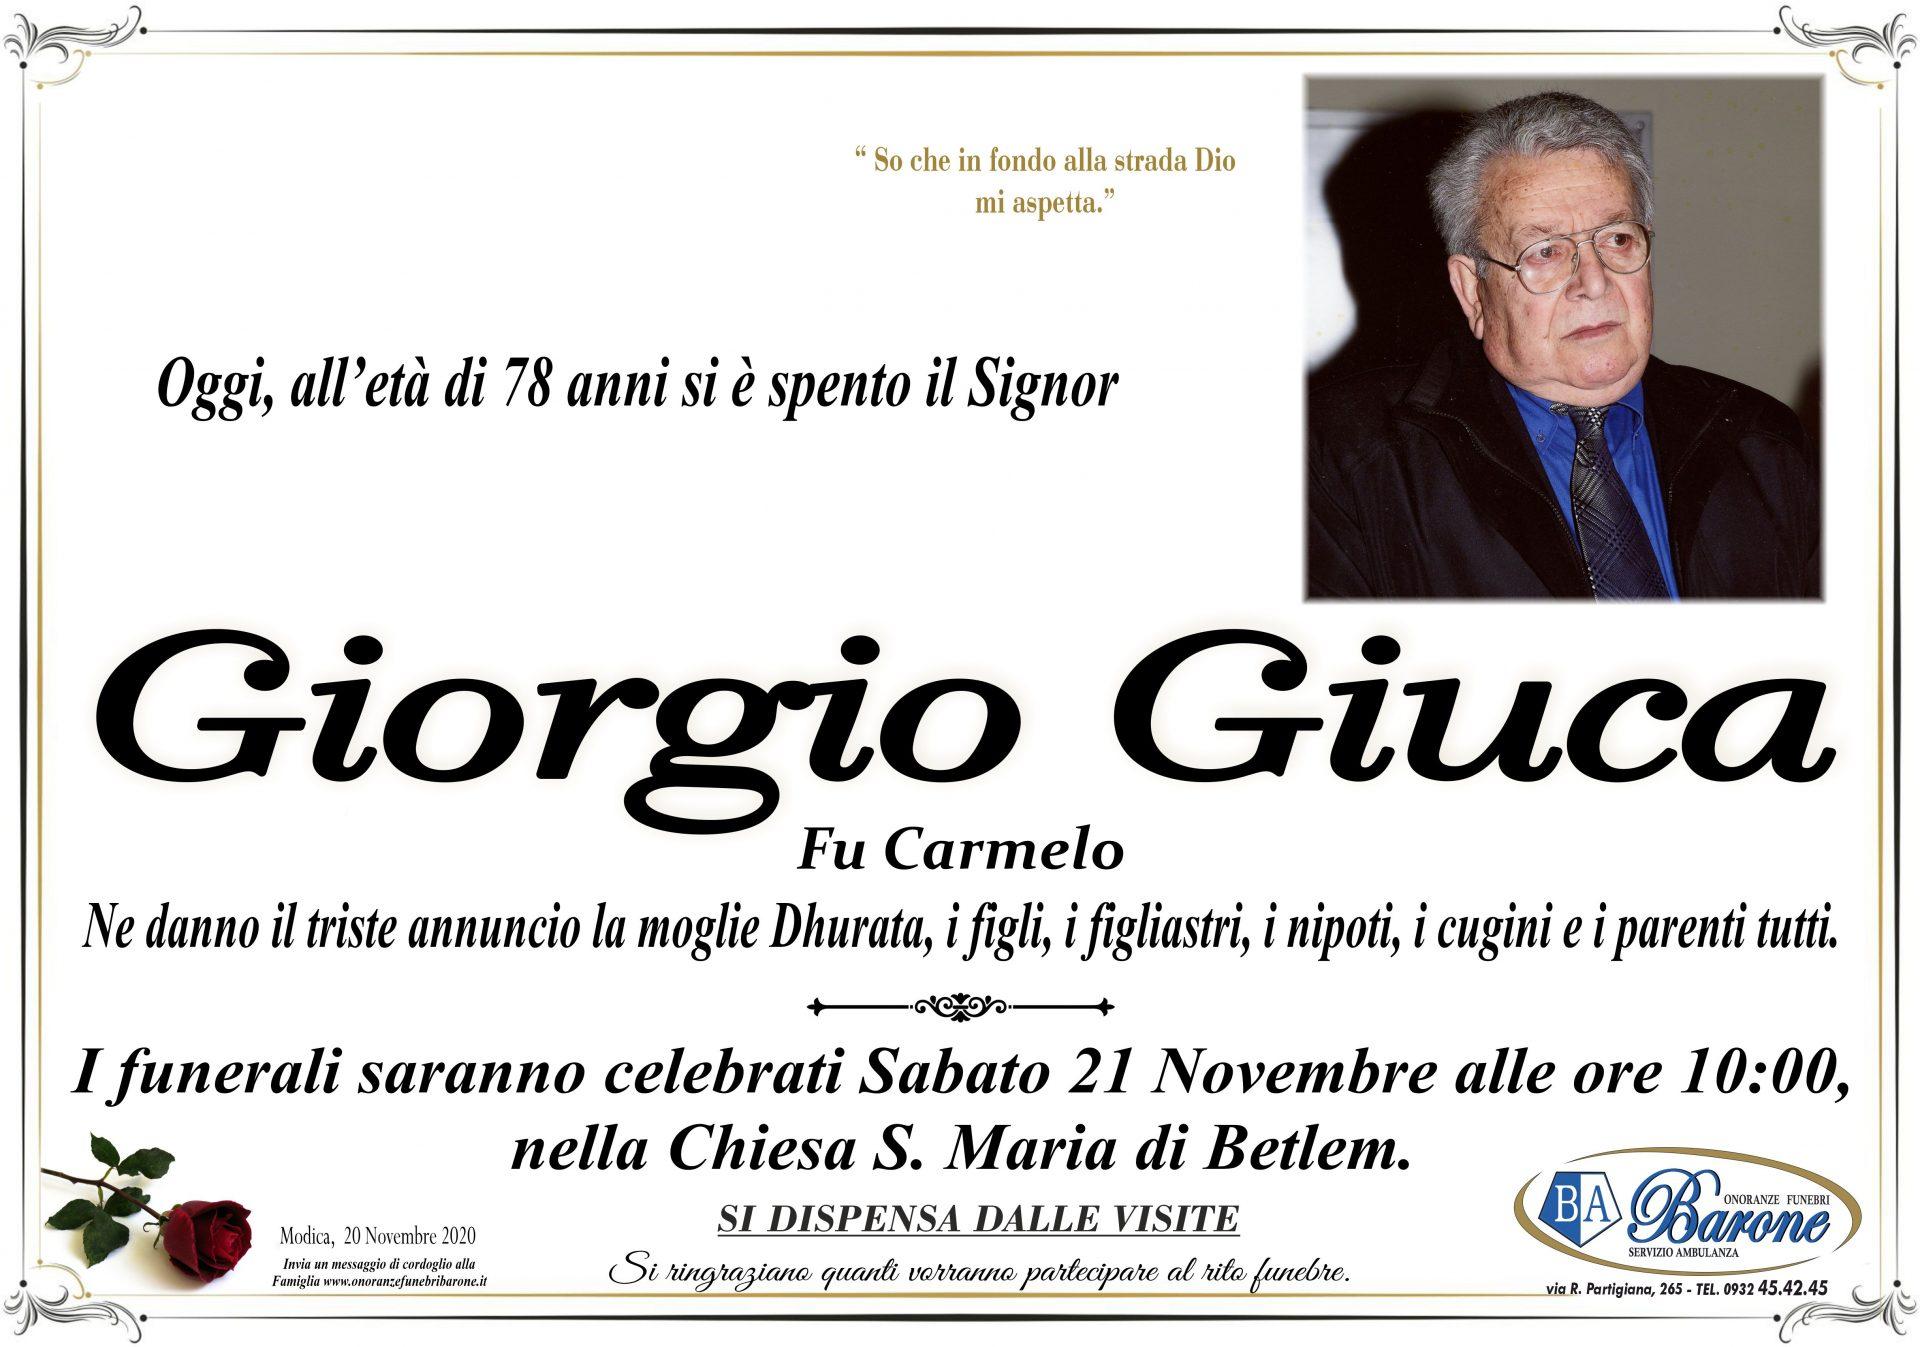 Giorgio Giuca